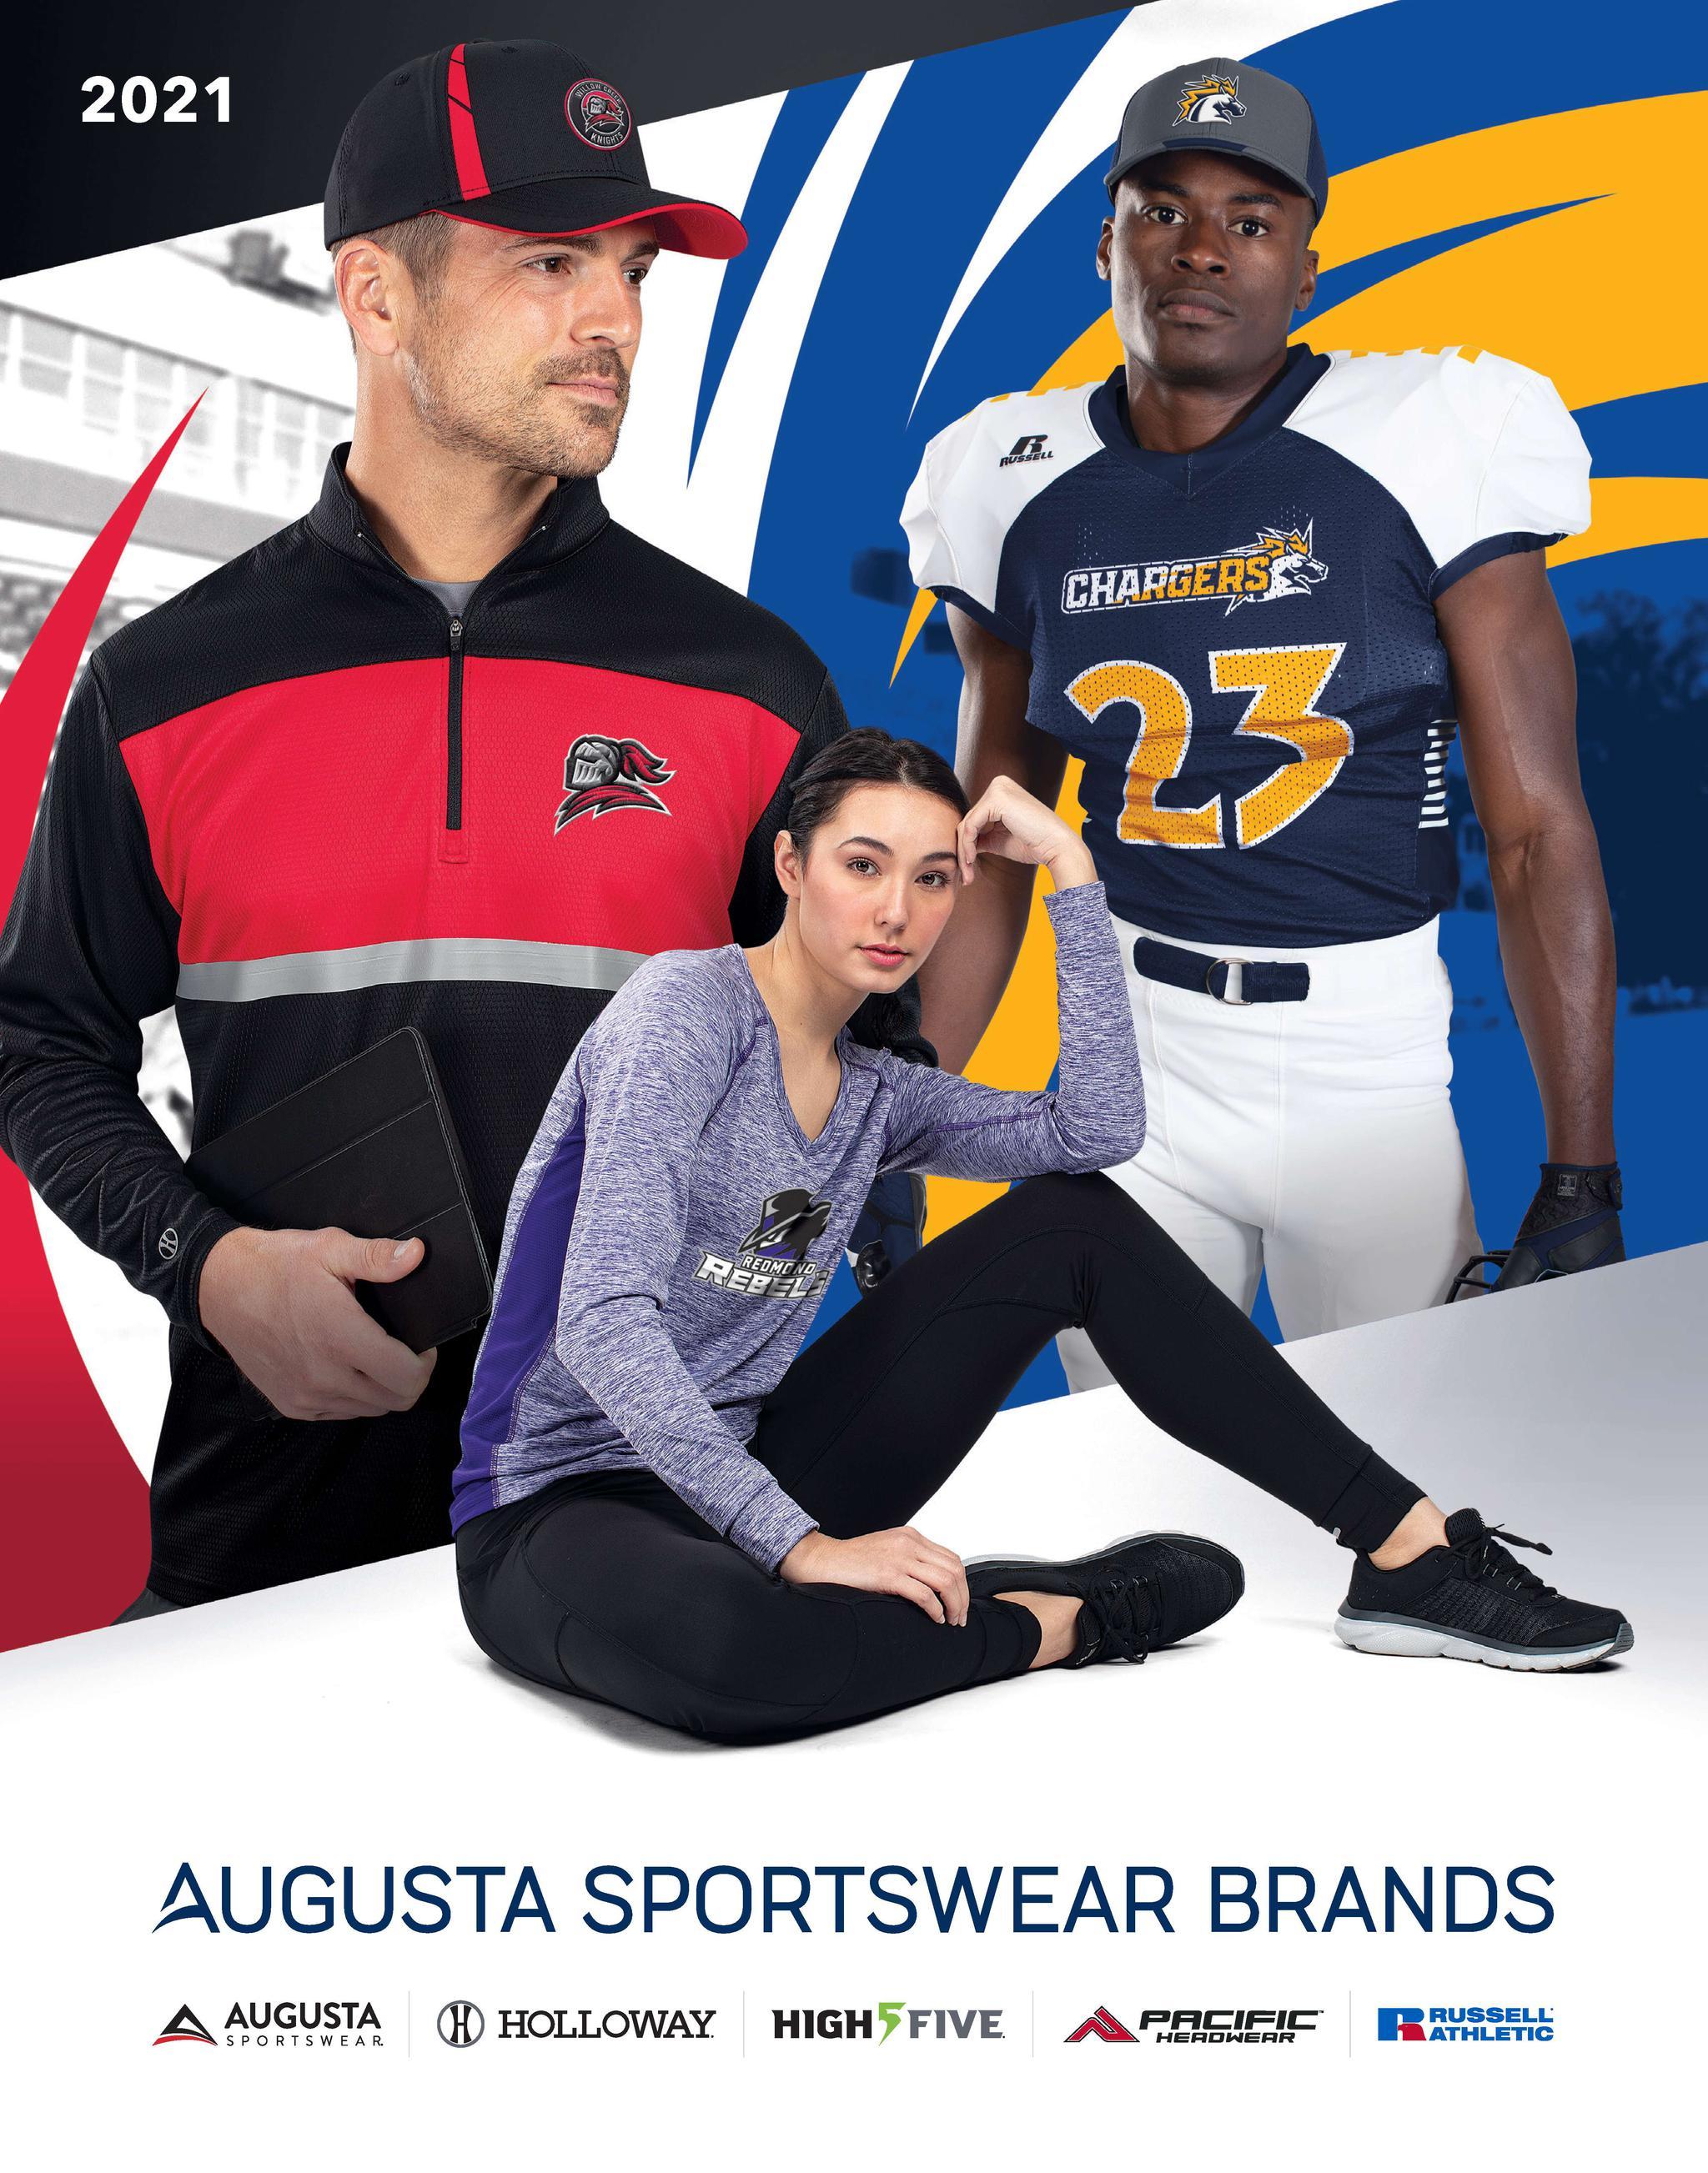 Augusta Sports Brands Unisex 2020 Catalog